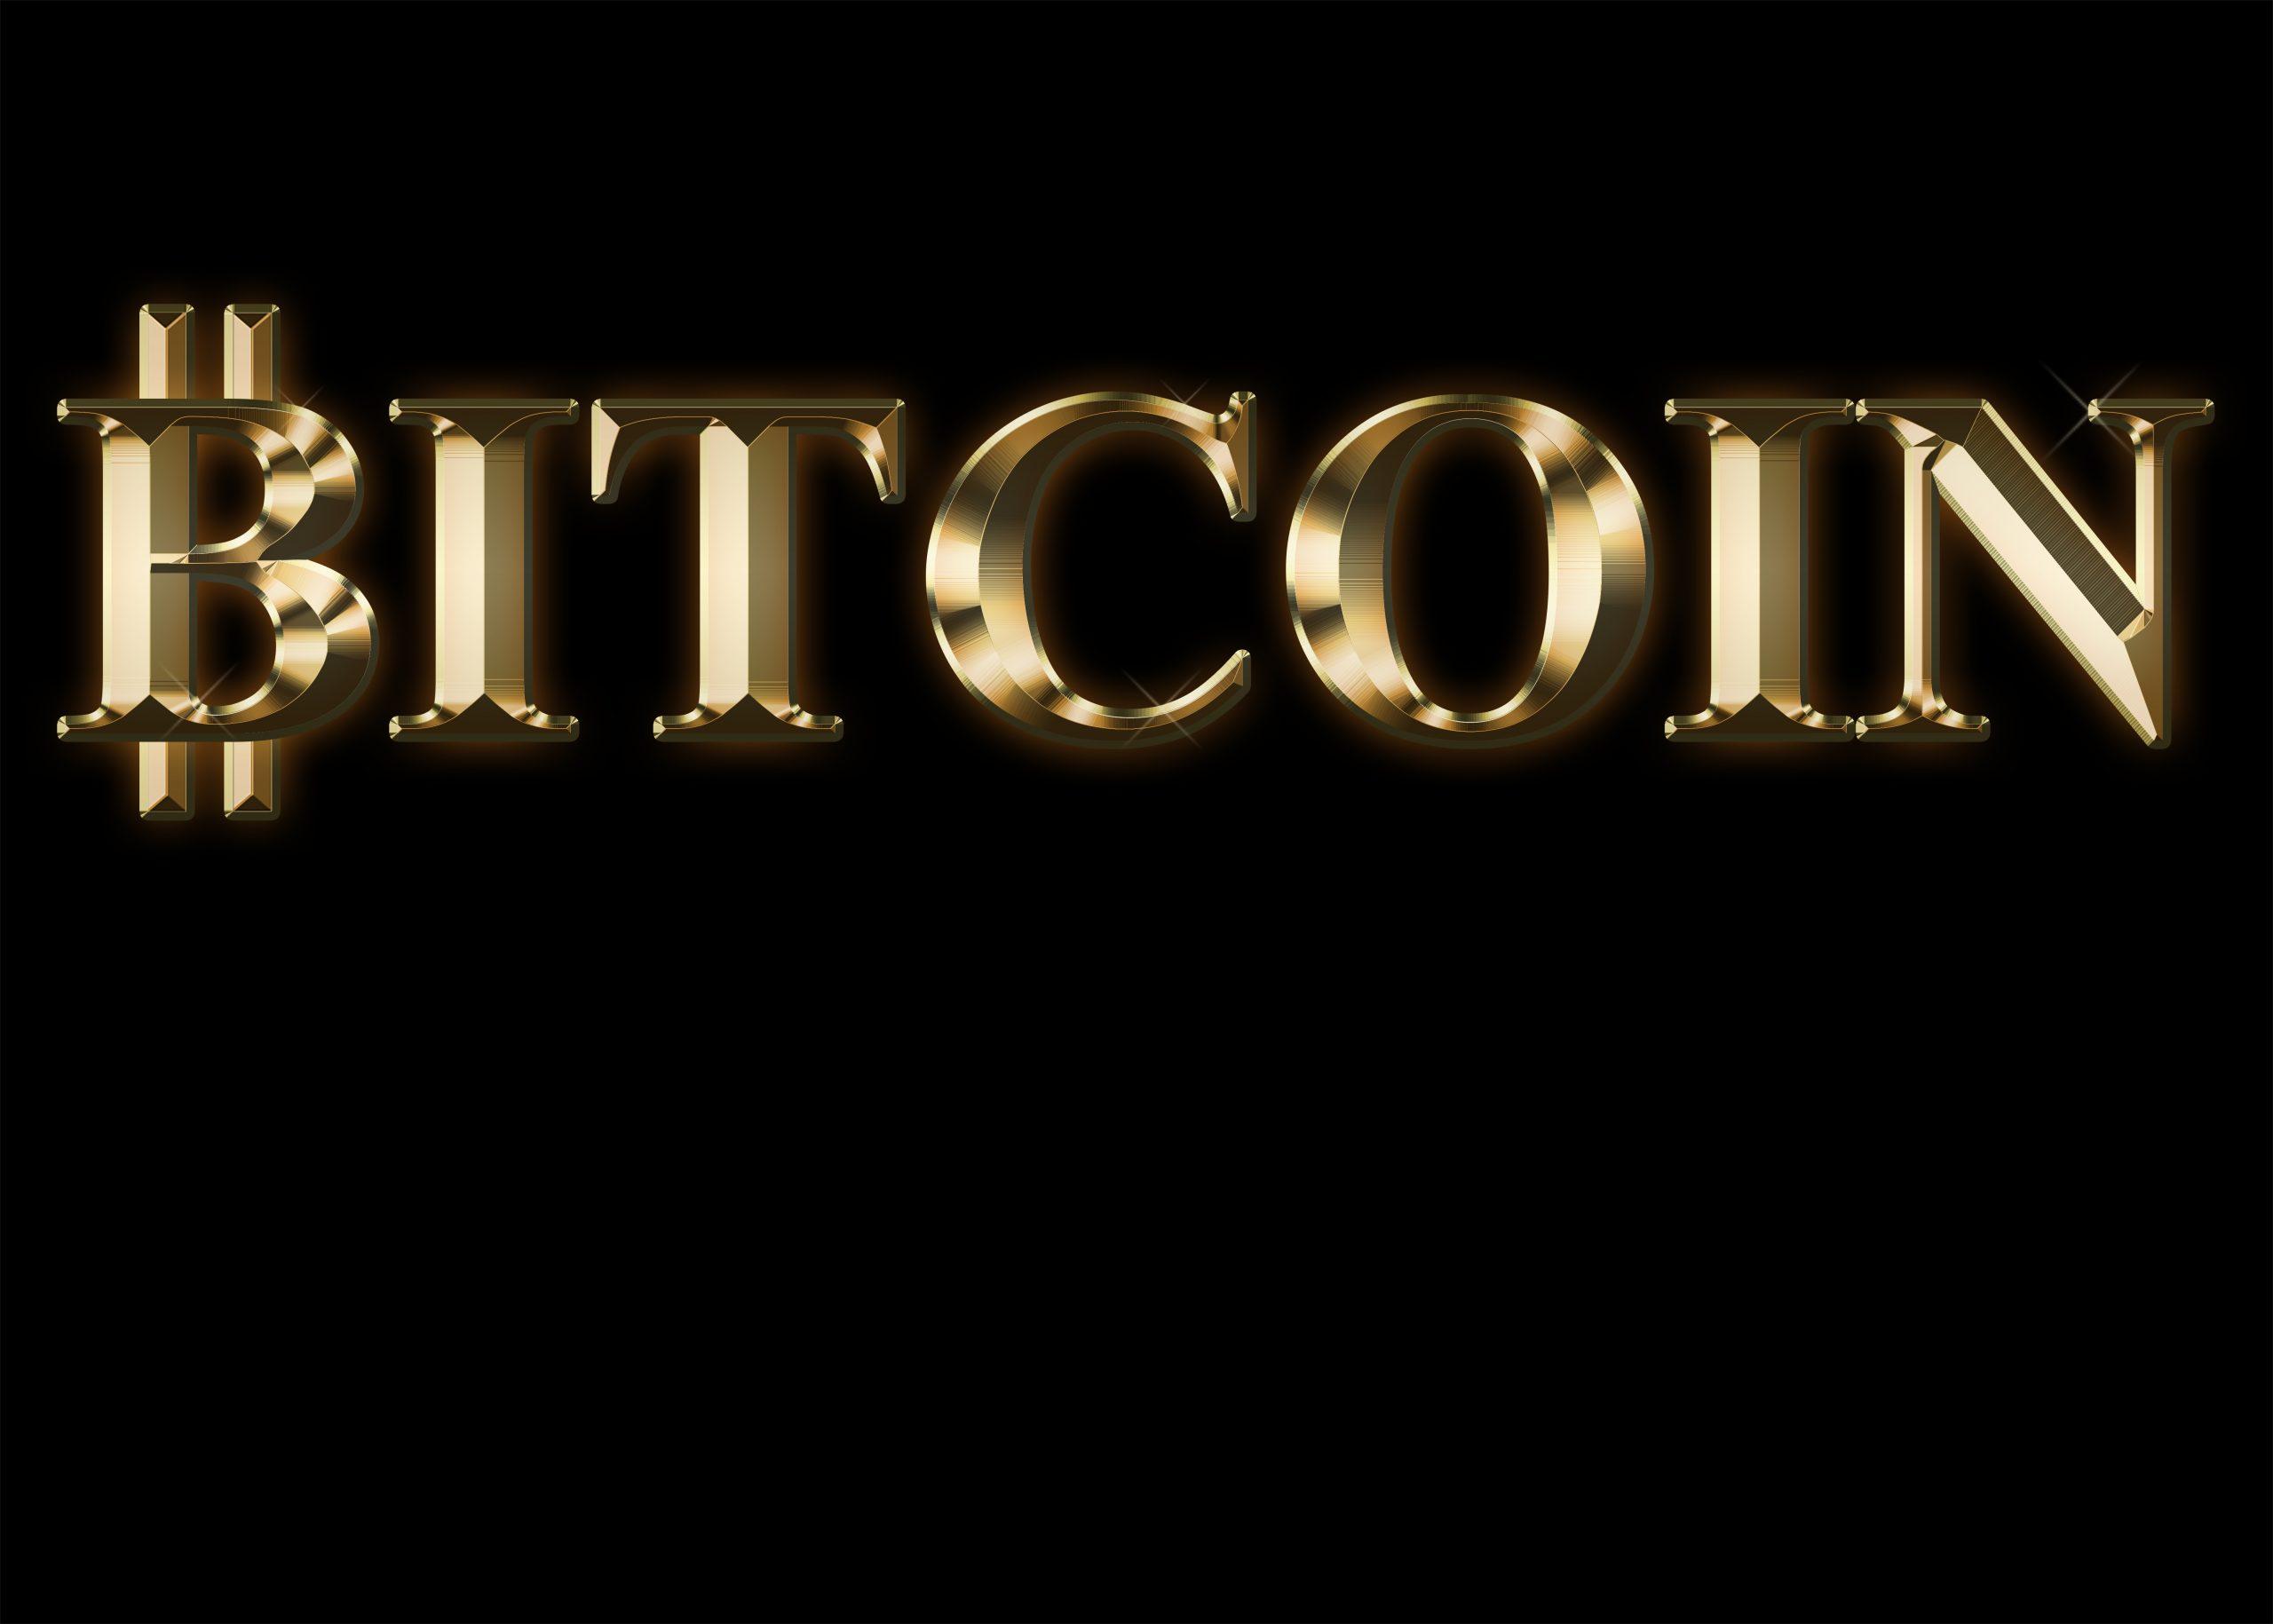 Bitcoin sparkling text